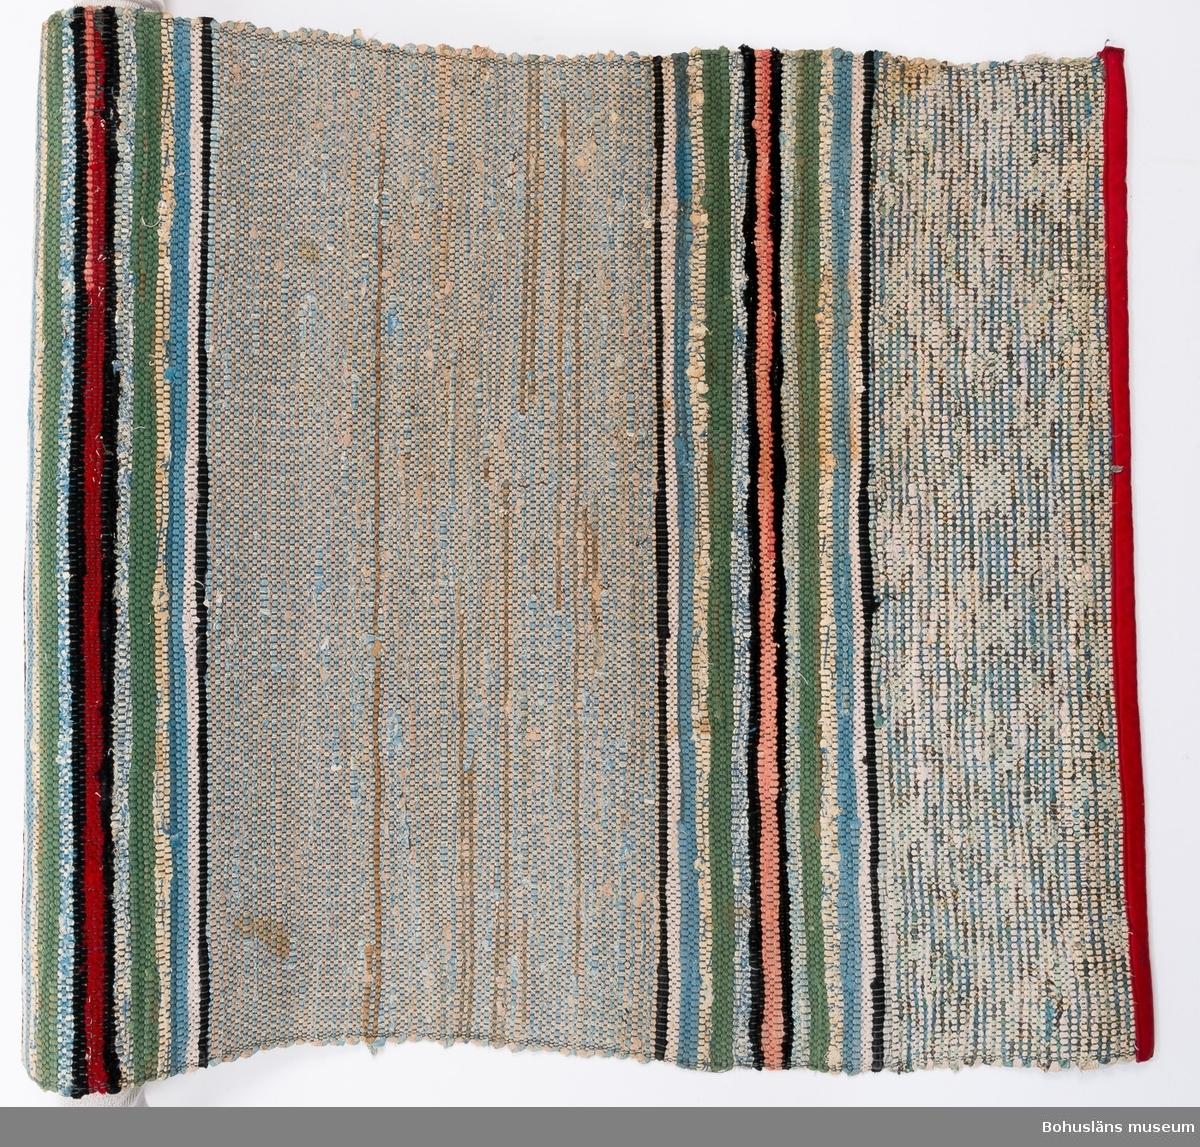 594 Landskap BOHUSLÄN 394 Landskap BOHUSLÄN  Smalare partier med blått, grått, grönt, rött o.svart. Bredare partier därmellan i grått, blått, svart. Ändarna kantade med rött bomullstyg. UM21227:1-3 har likartad randning.  Litteratur: Kerstin Ankert/Ingrid Frankow, Den svenska trasmattan, en kulturhistoria,  Prisma 2003.  UMFF 3:2